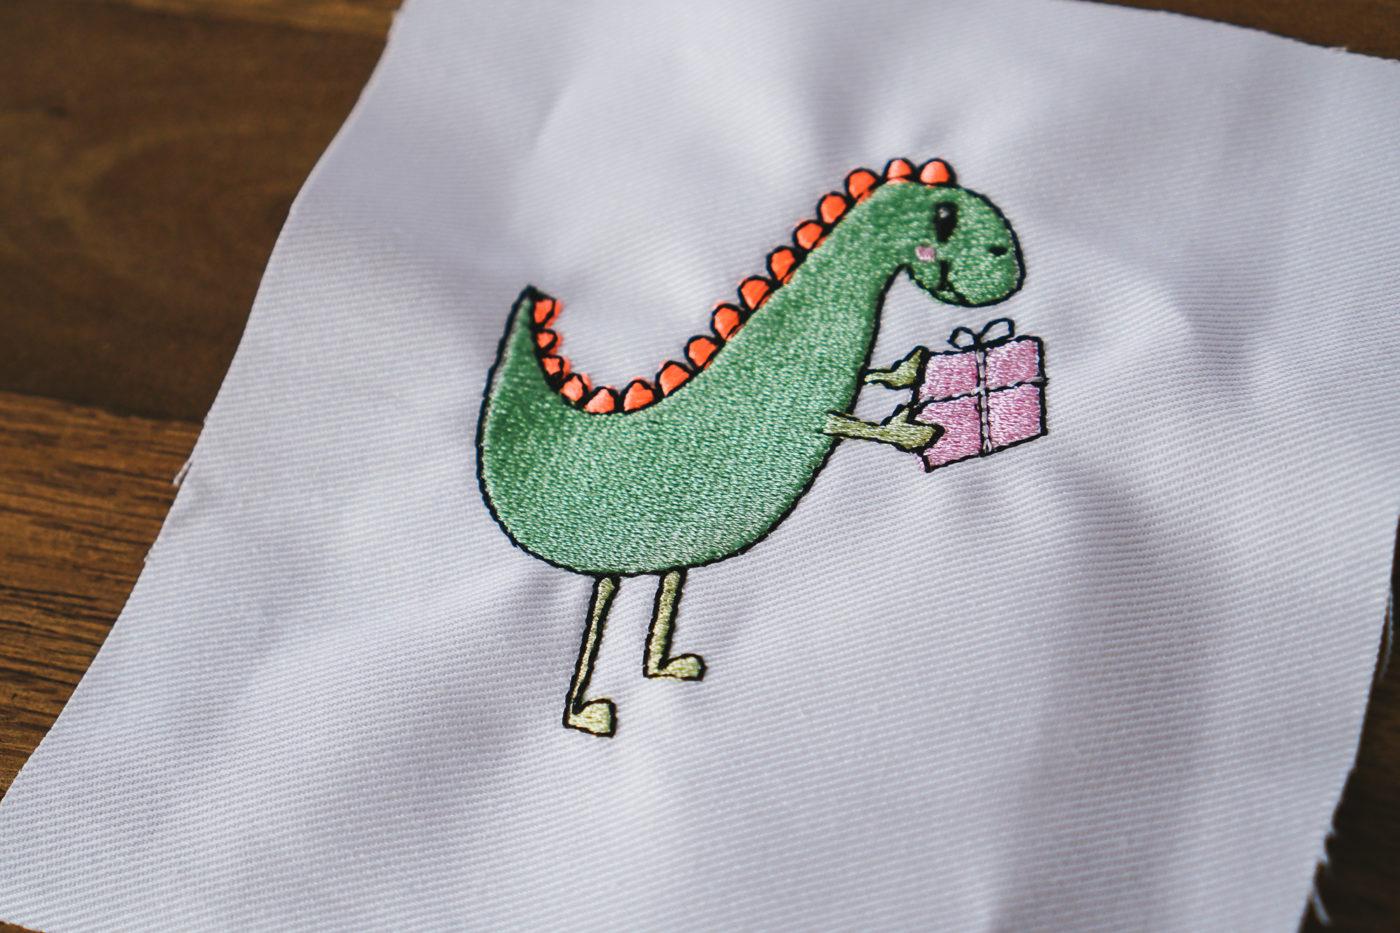 Stickdatei Dino Geburtstag stickdatei dino Dino mit Geschenk dinosaur present 02 1400x933